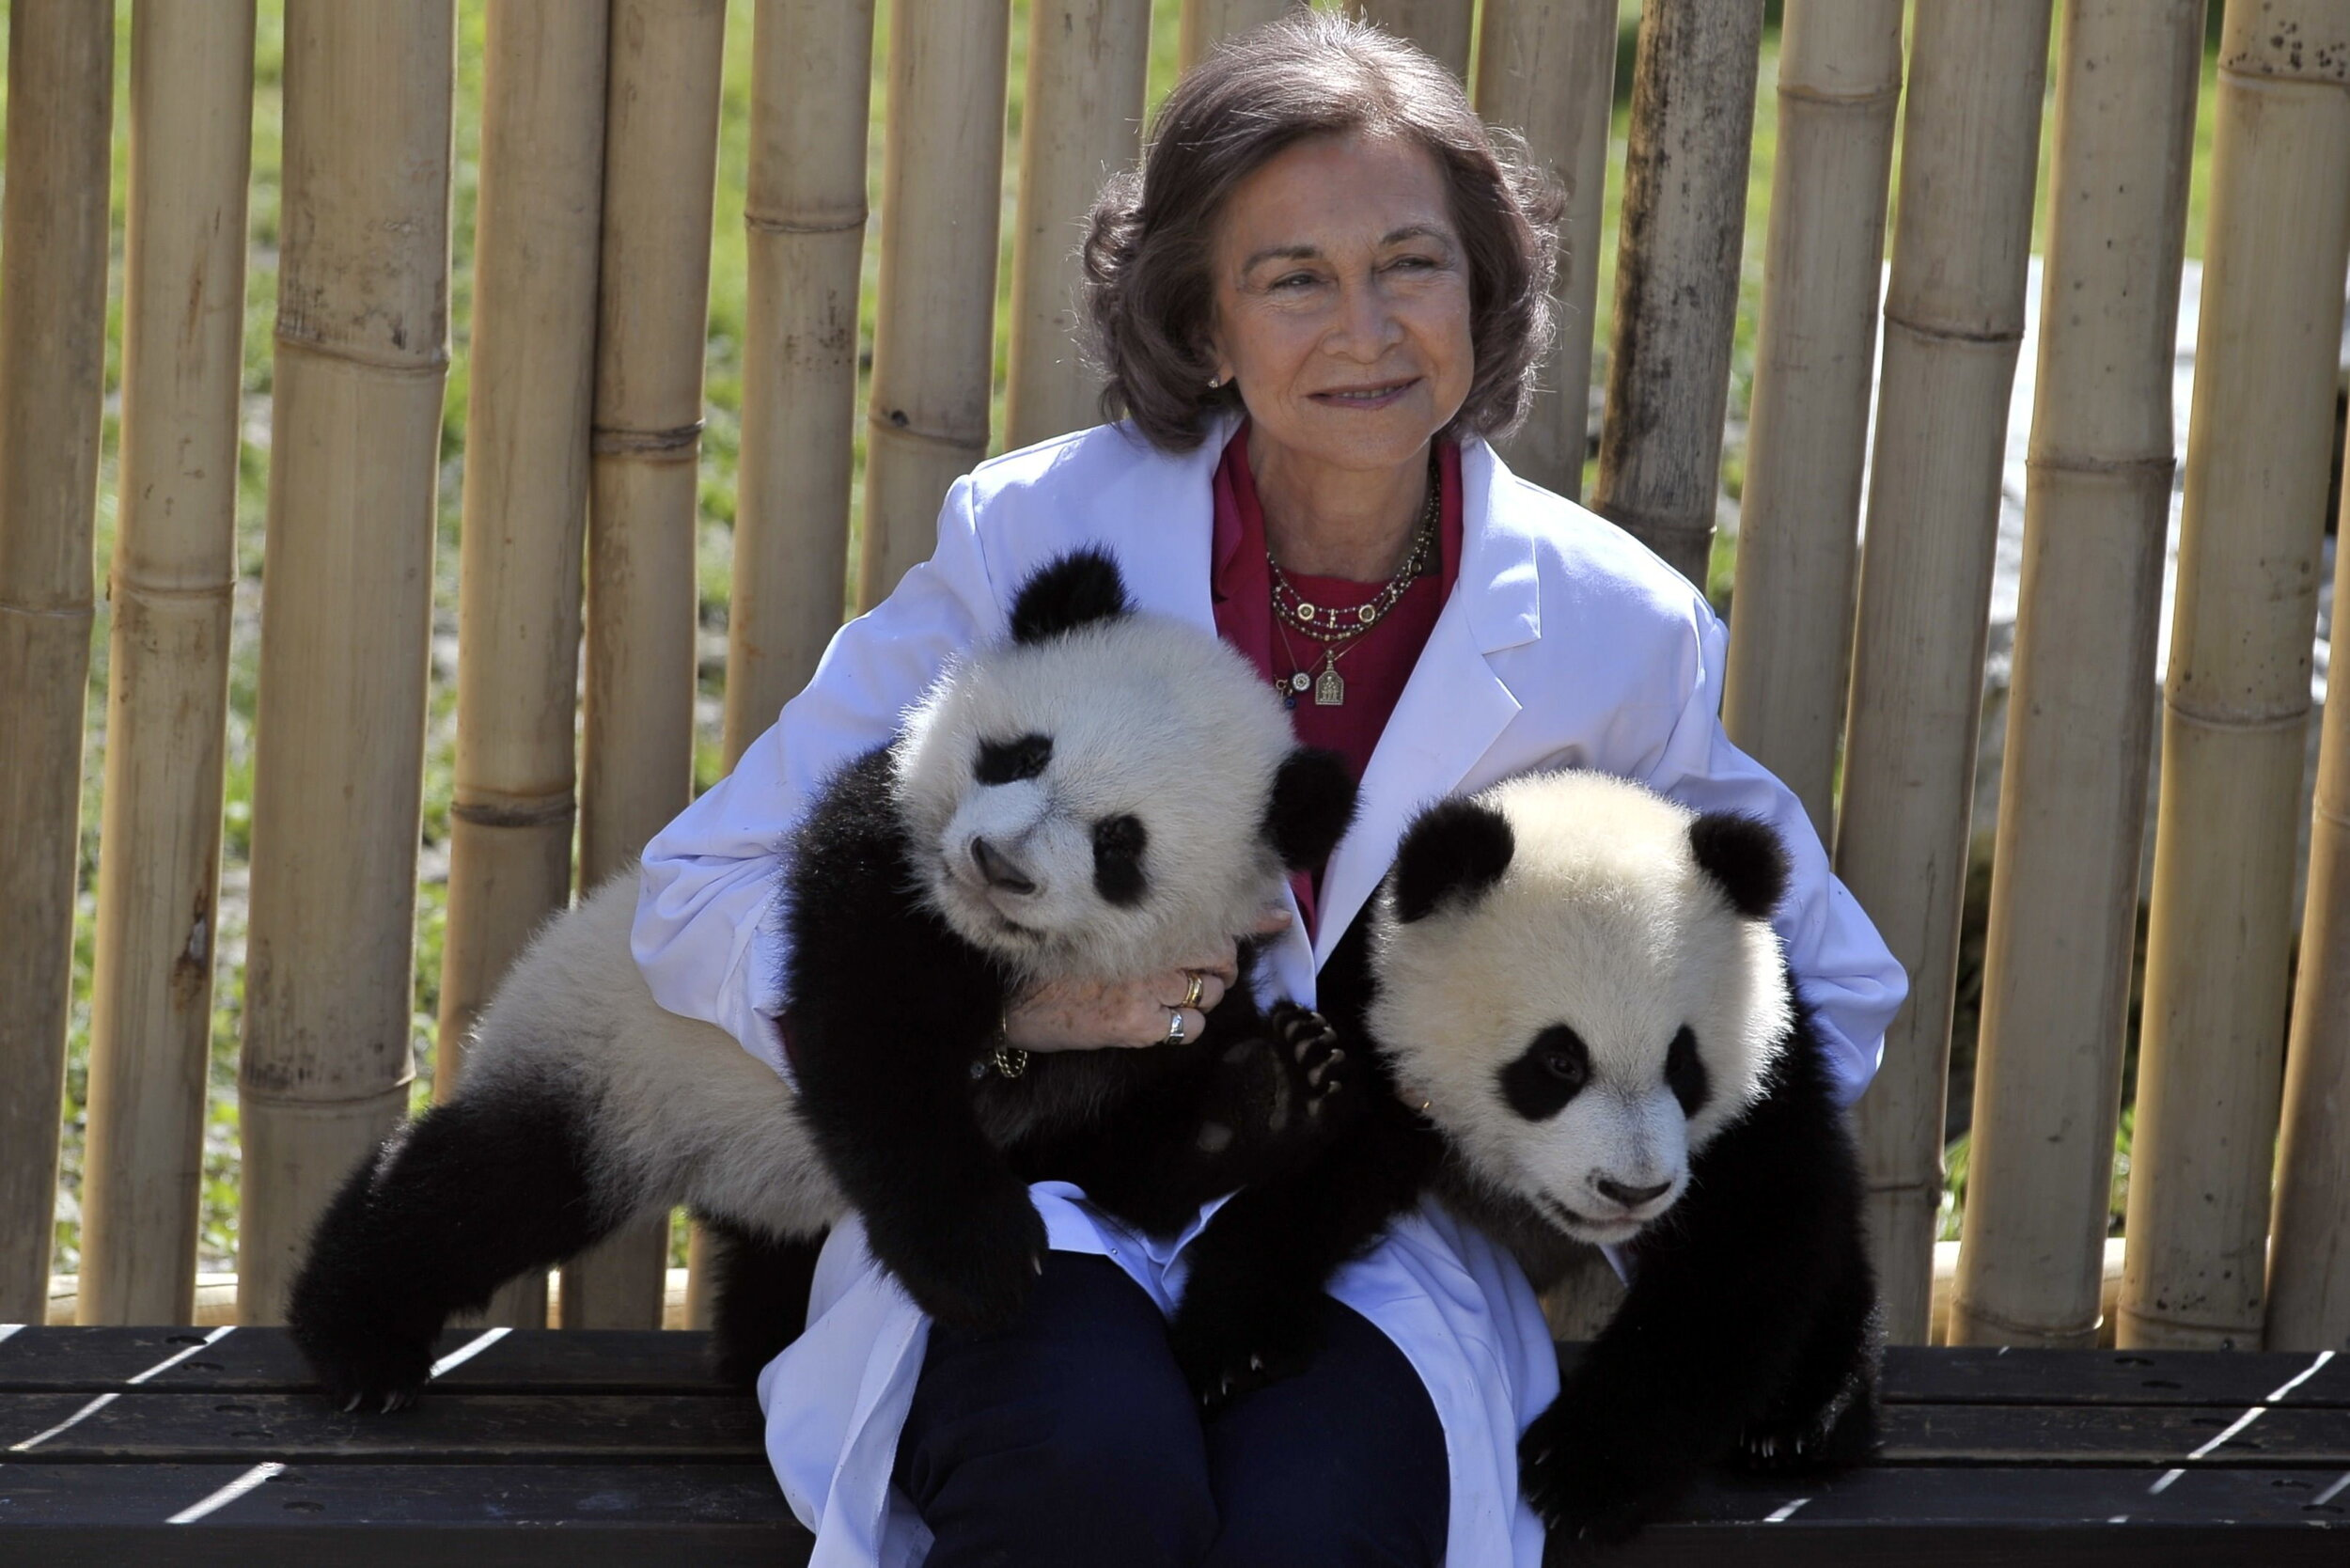 """Sofia von Spanien setzt sich für die Rettung der Umwelt ein. In Spanien wird sie deswegen auch gerne """"Öko-Königin"""" genannt.  © picture alliance"""